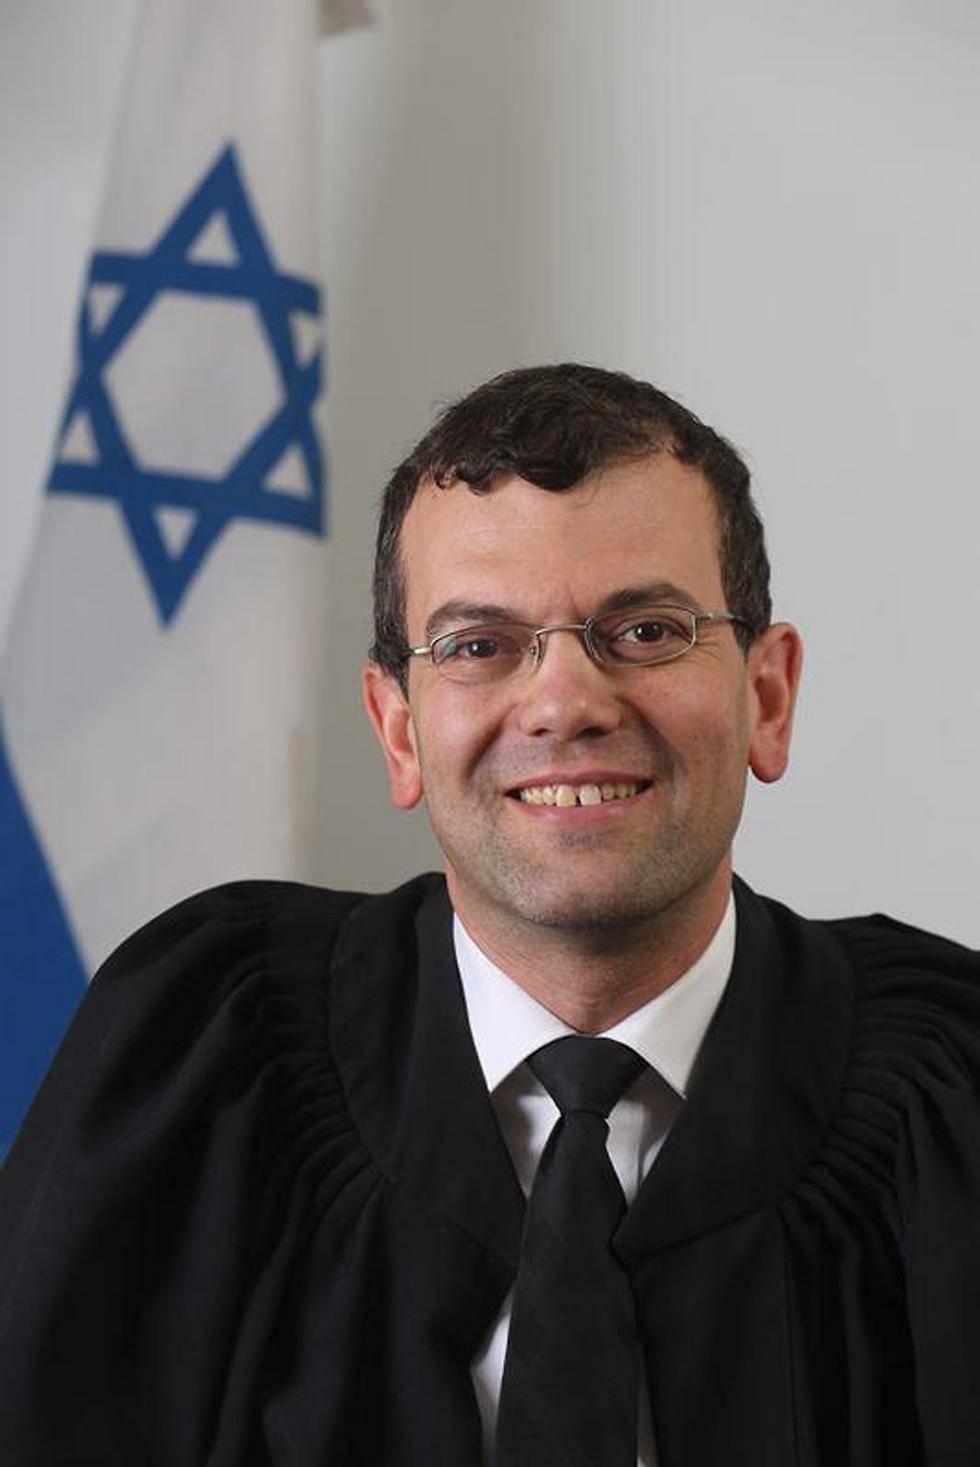 השופט שמואל הרבסט (אתר בית המשפט)